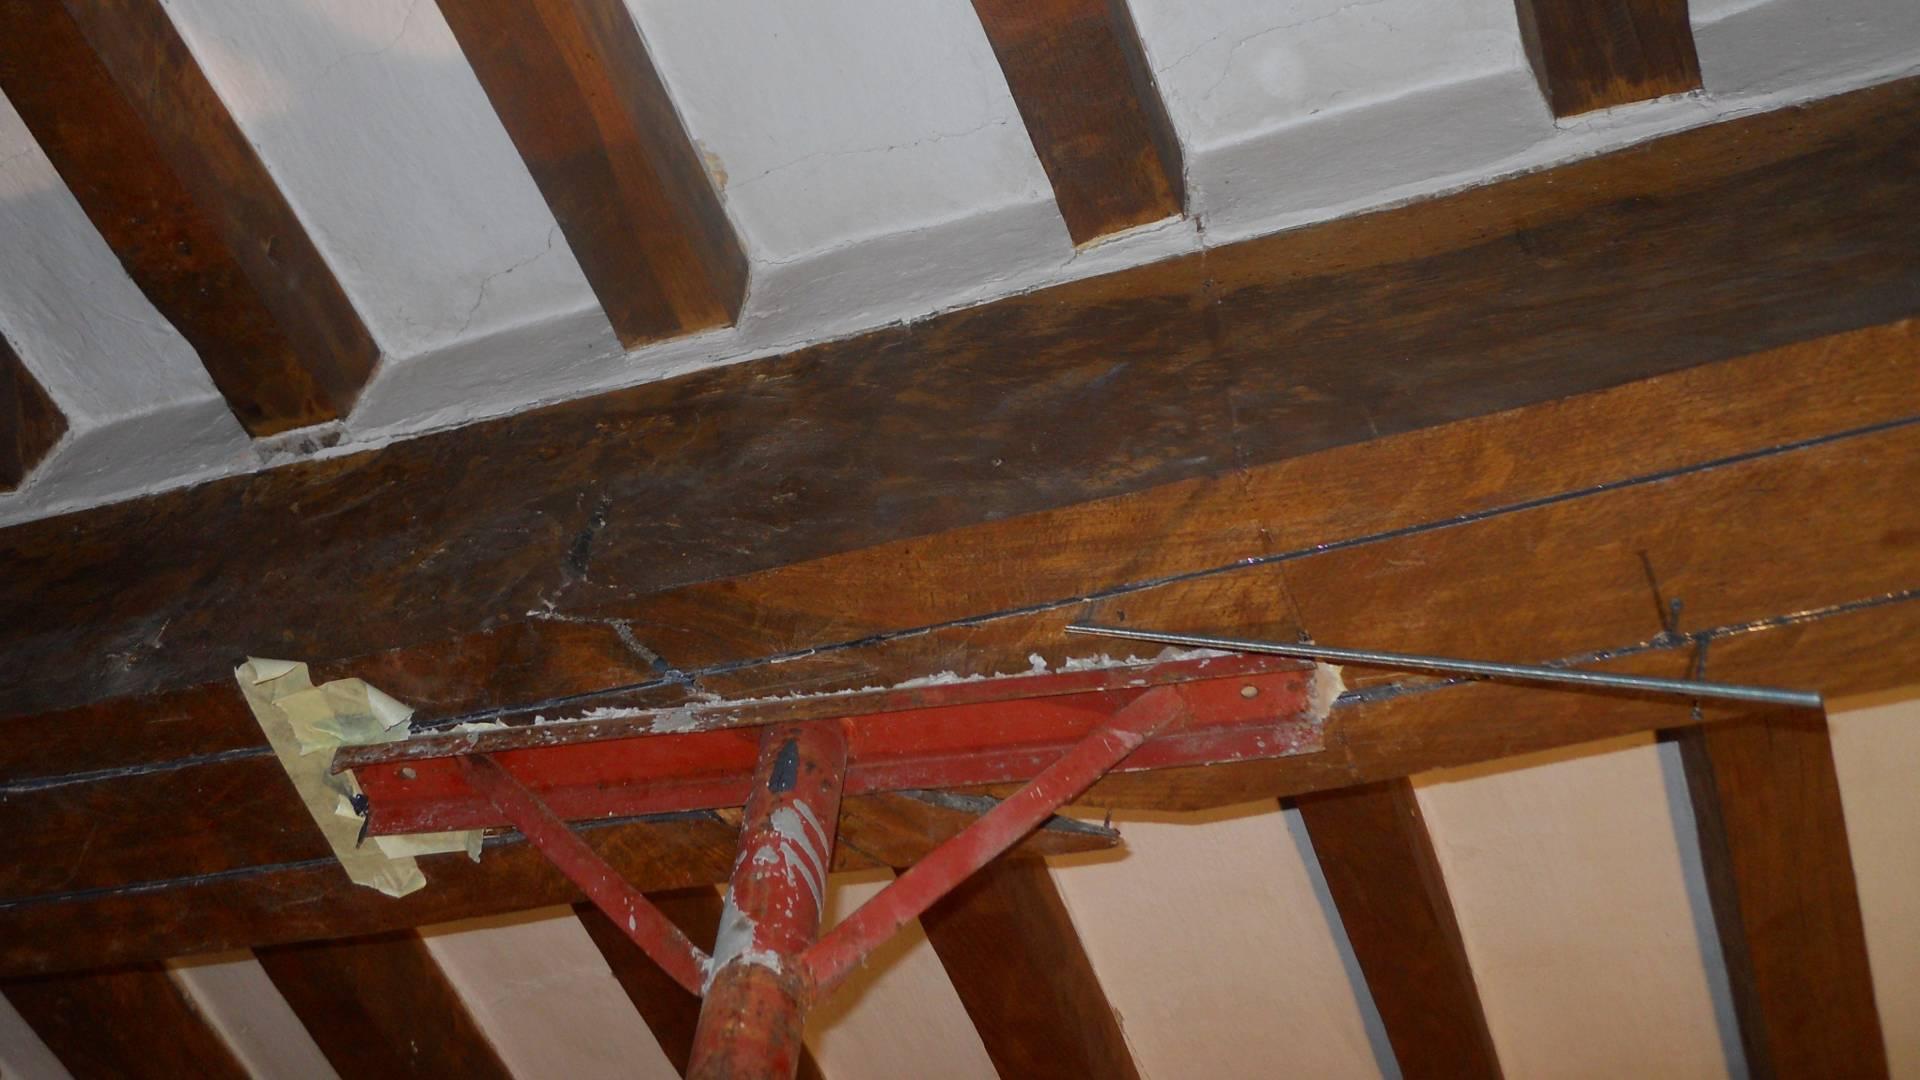 Particolare del rinforzo della trave in legno in cui sono state inserite ed incollate, con resina, le lamine in carbonio - ITON SRL